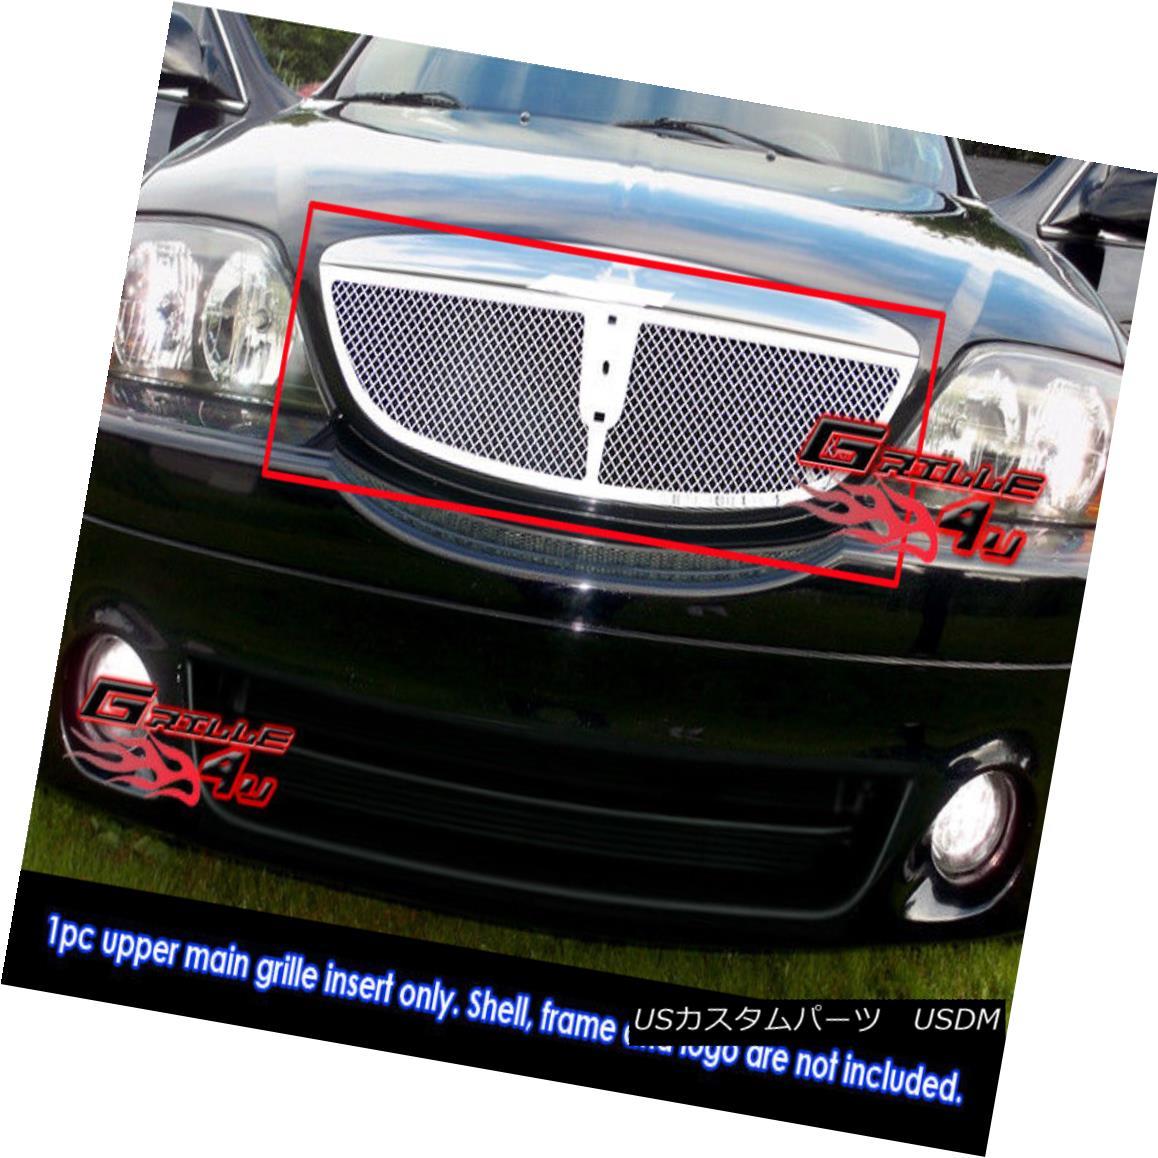 グリル Fits 00-02 Lincoln LS Stainless Steel Mesh Grille Insert フィット00-02リンカーンLSステンレスメッシュグリルインサート